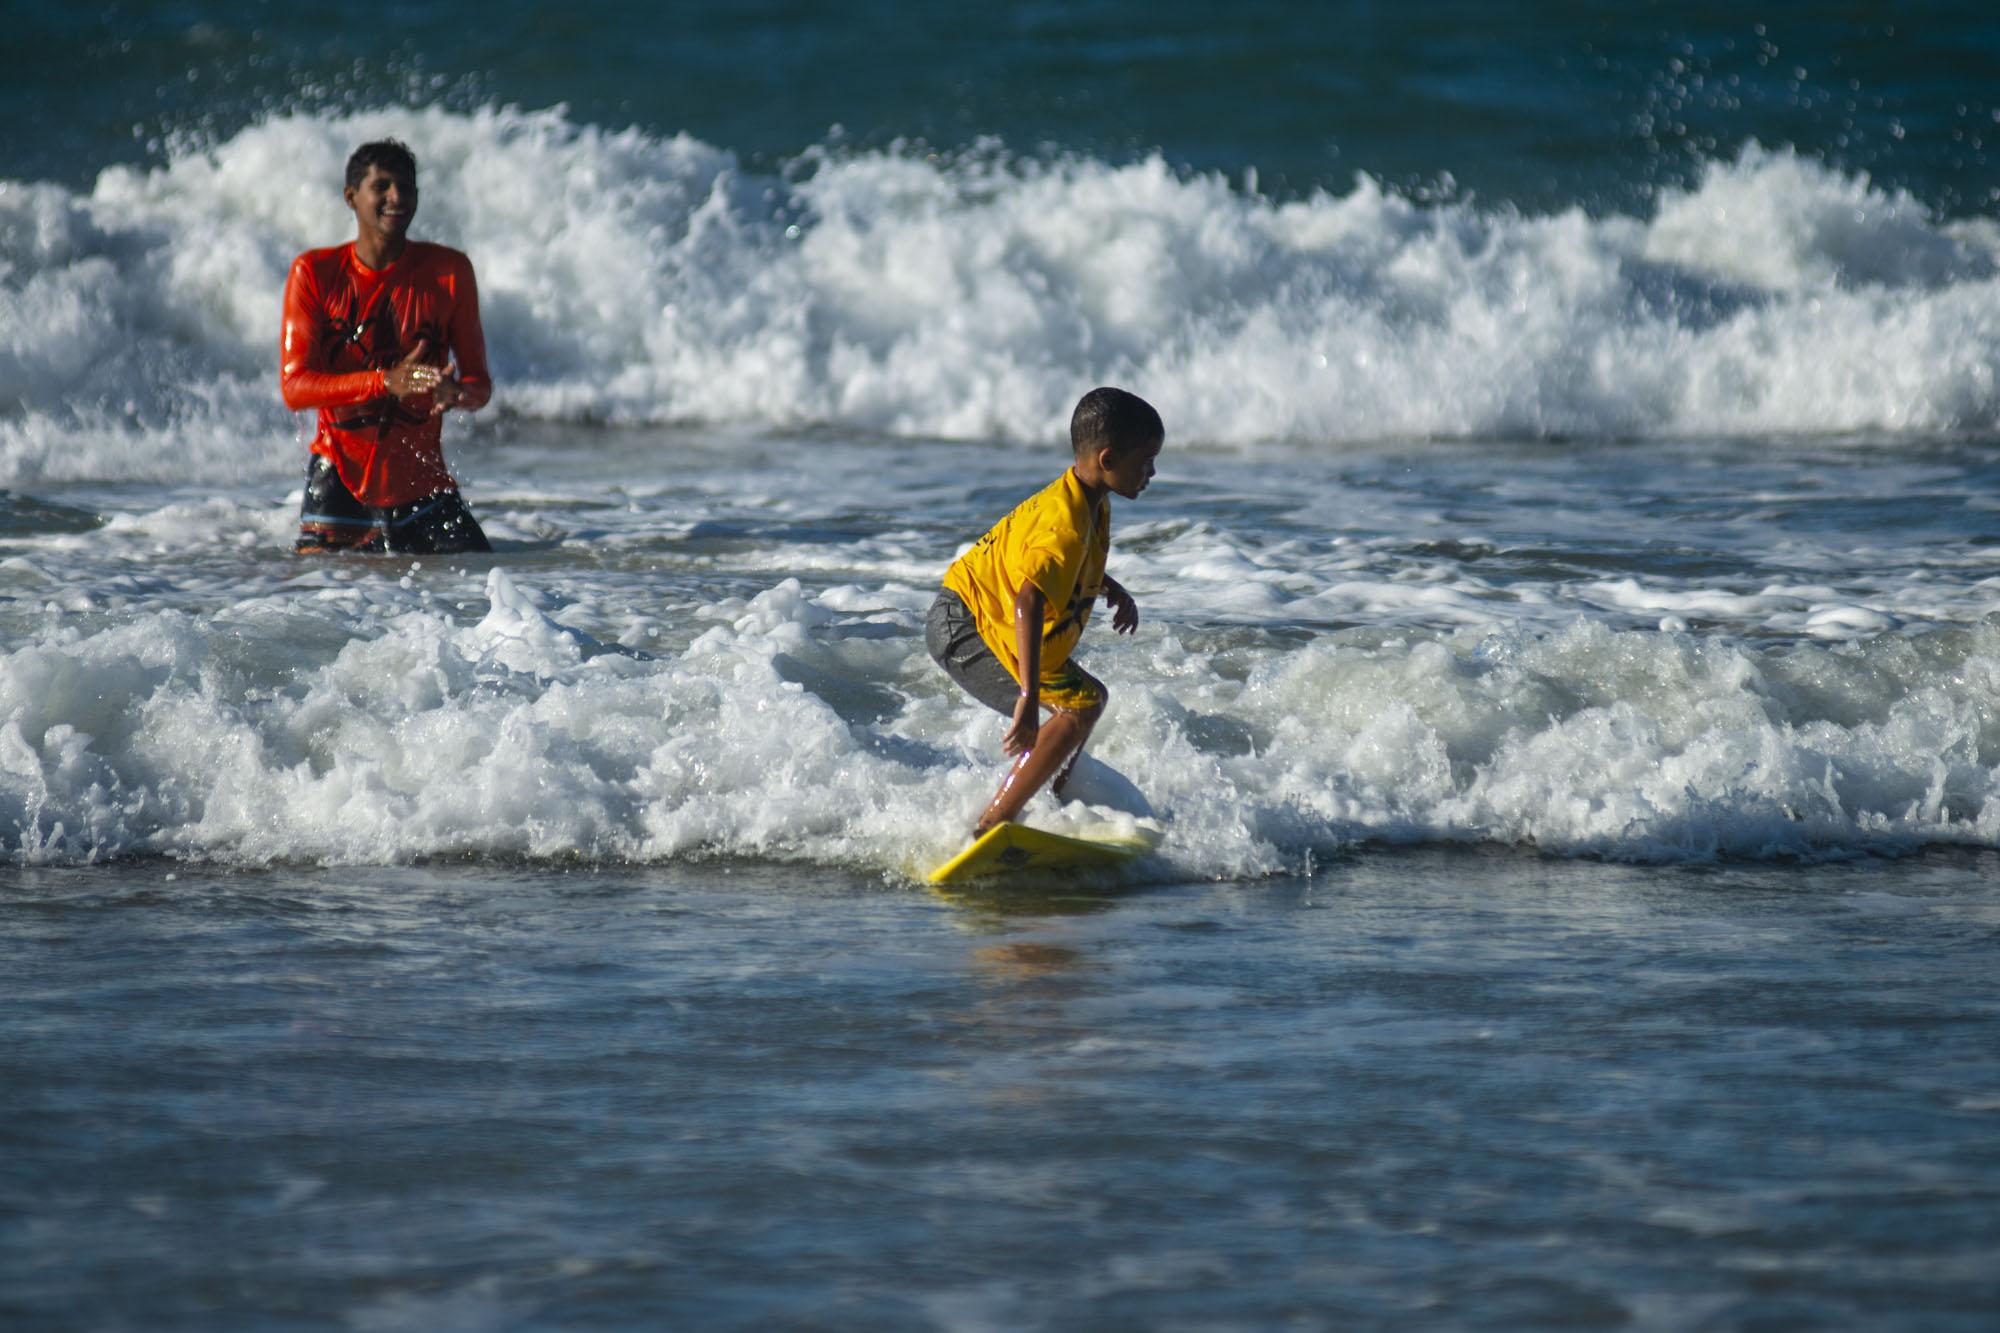 Com a Lei de Incentivo ao Esporte, escolinhas de surfe ajudam a transformar a vida de jovens da periferia em Fortaleza